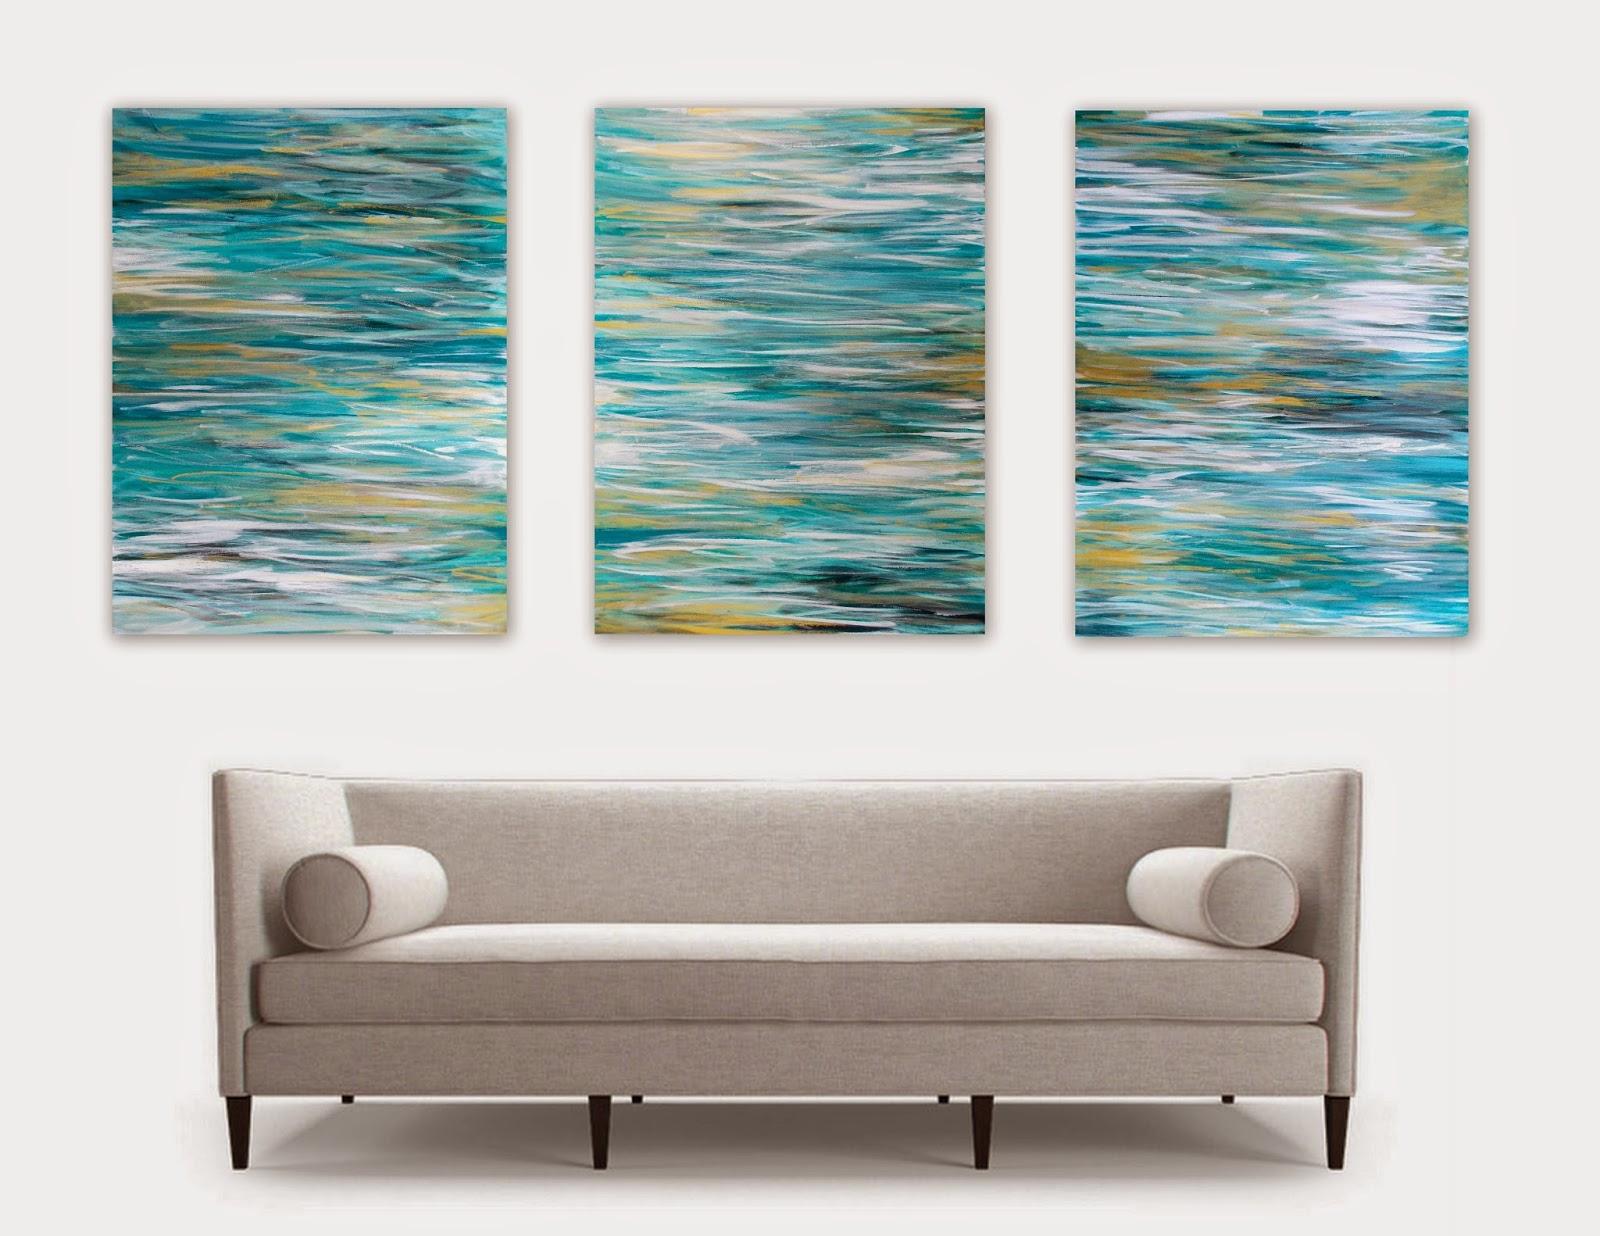 https://www.etsy.com/listing/231796487/ocean-triptych-wall-art-acrylic